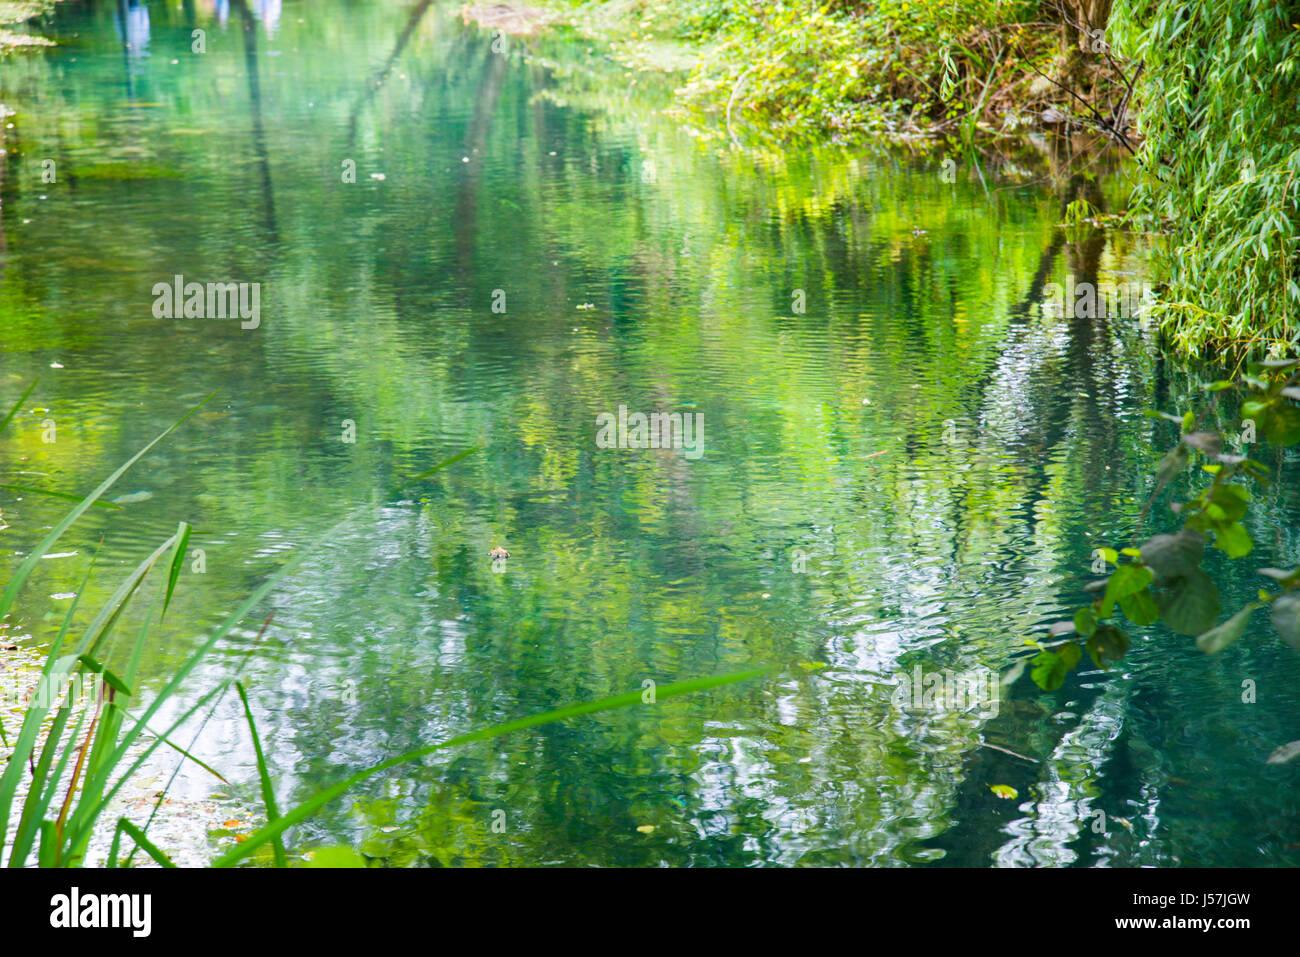 Réflexions sur l'eau. Photo Stock